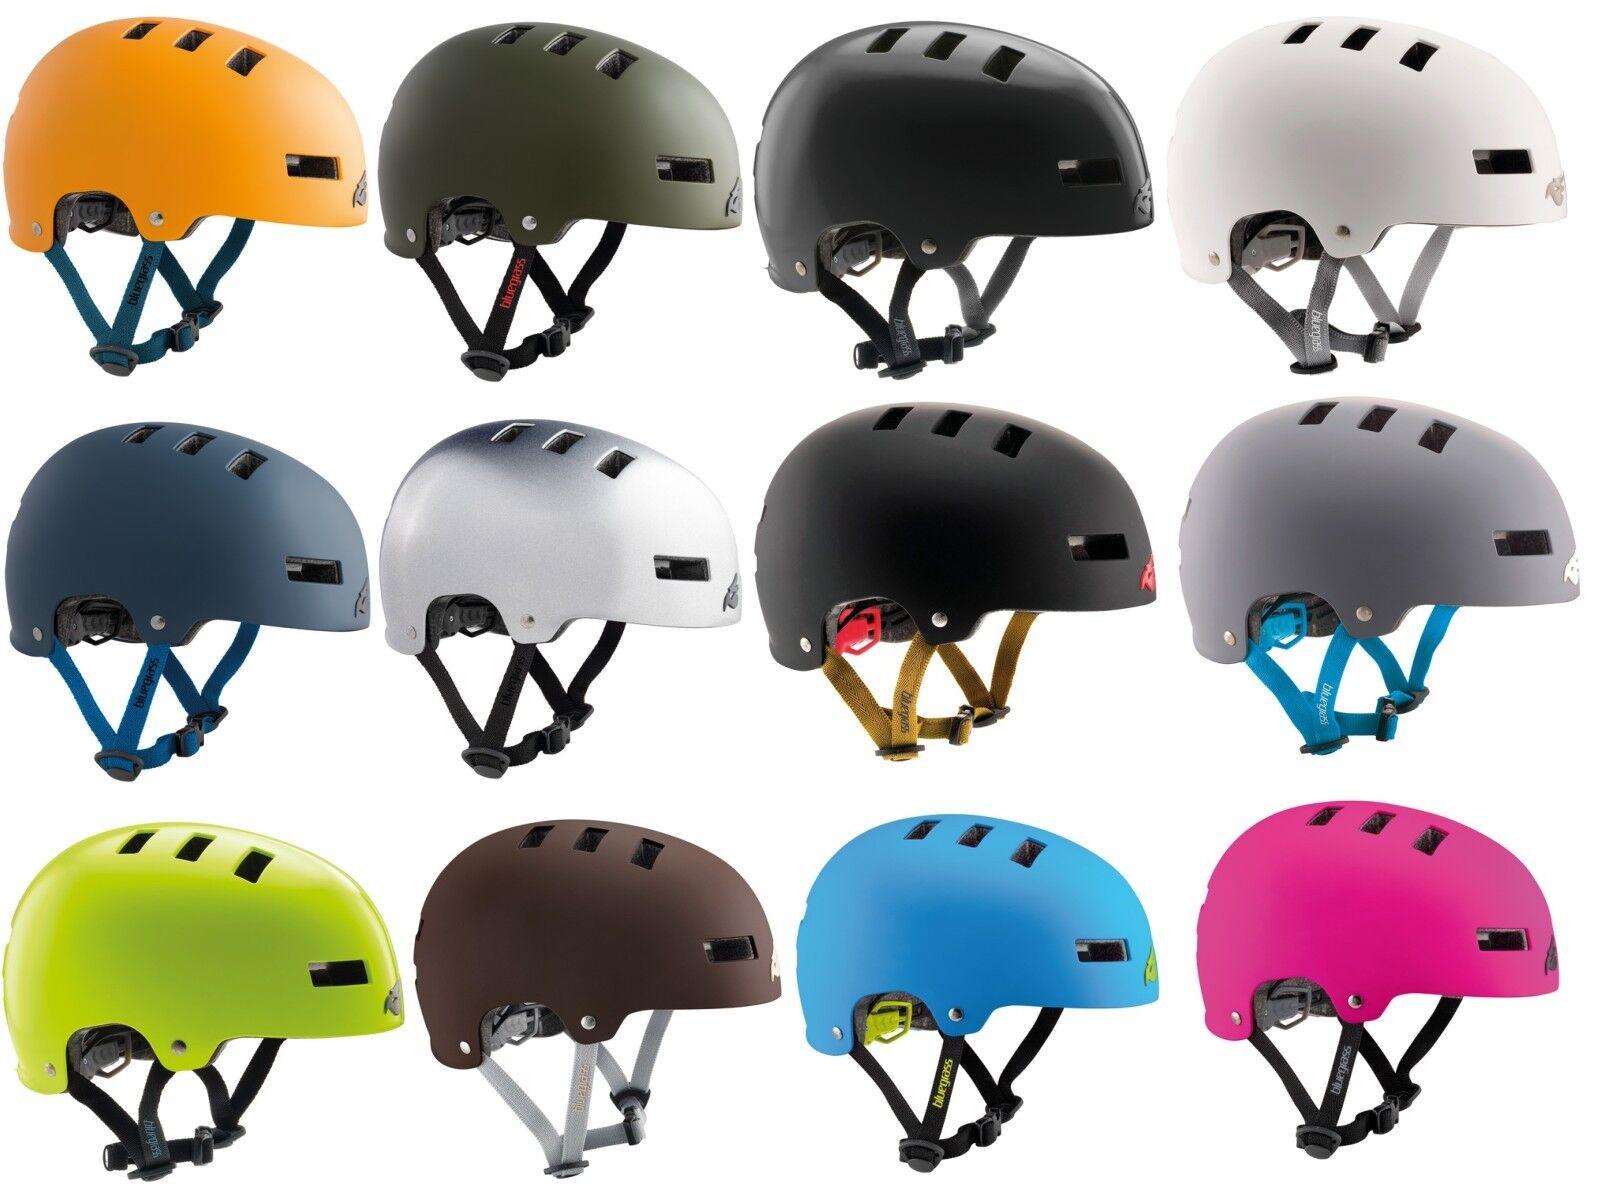 BlauGRASS Fahrradhelm Dirt-Helm Super Bold - diverse Farben     Muster c8047e